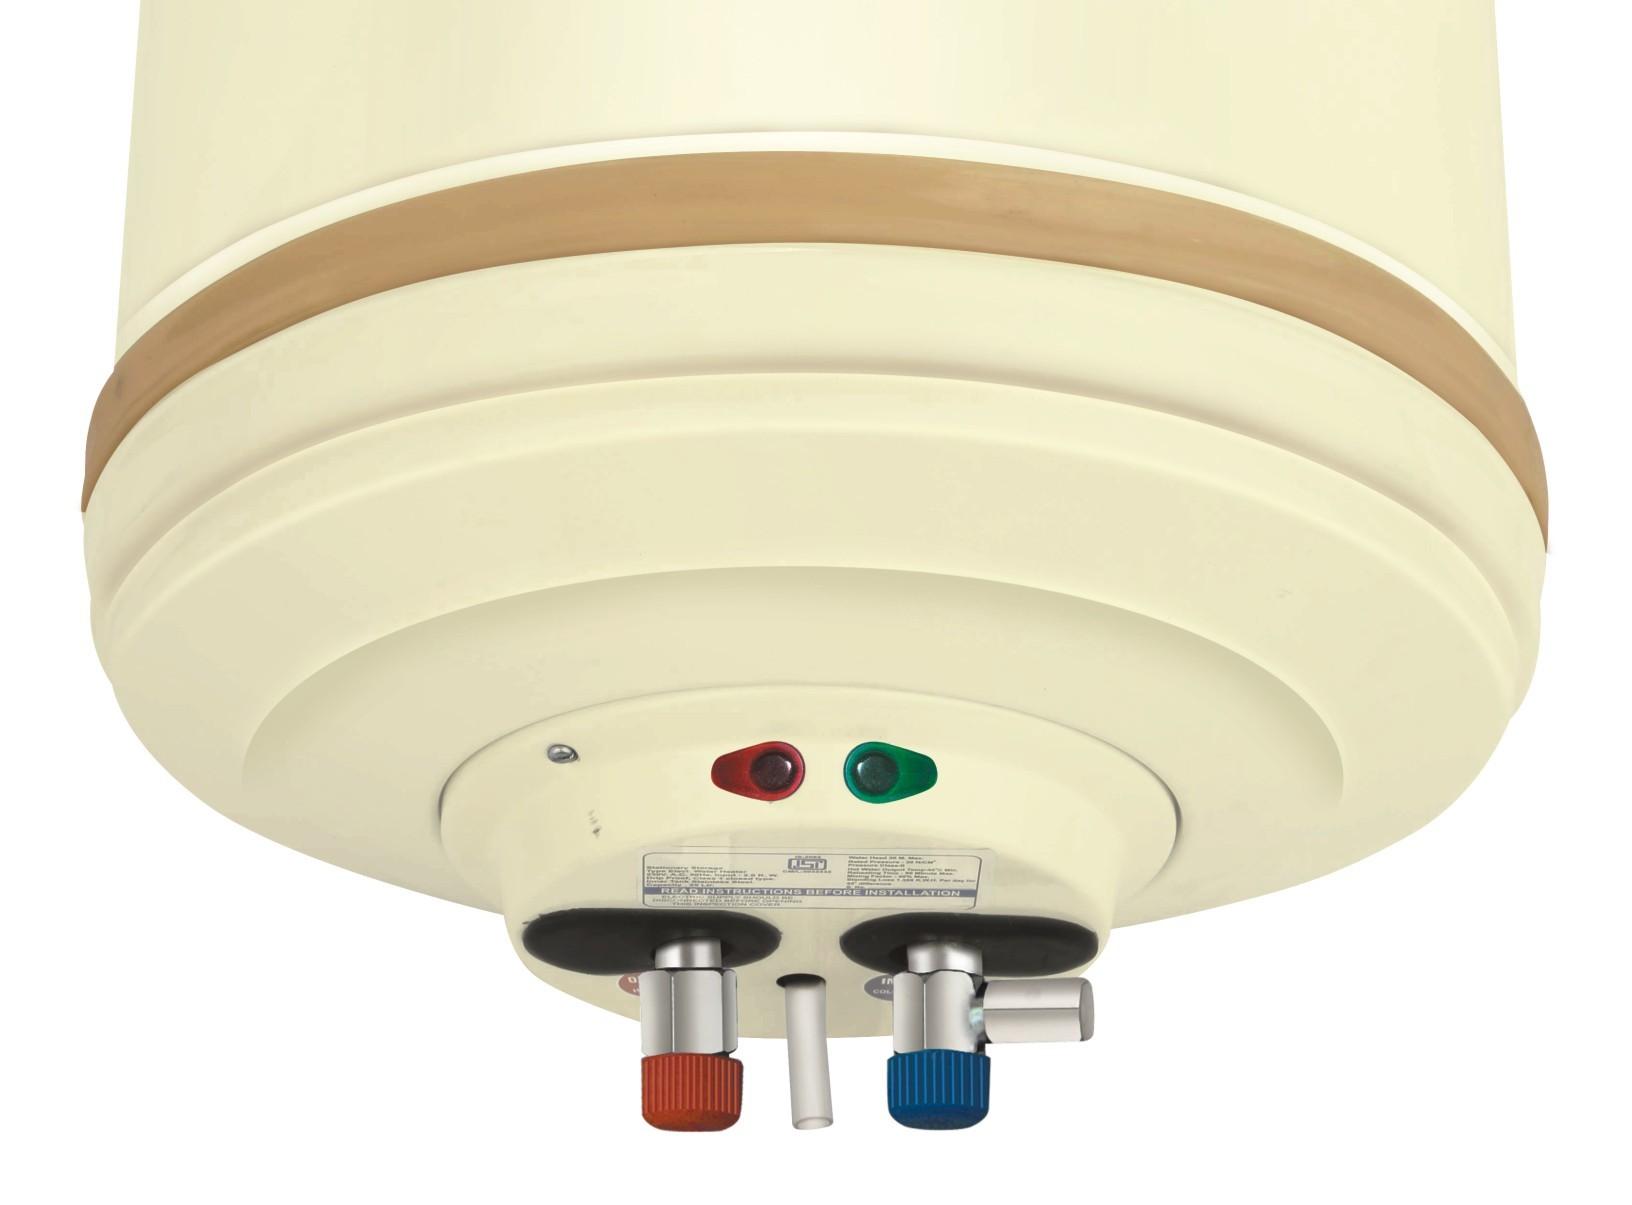 Storage Water Heater Premium Series